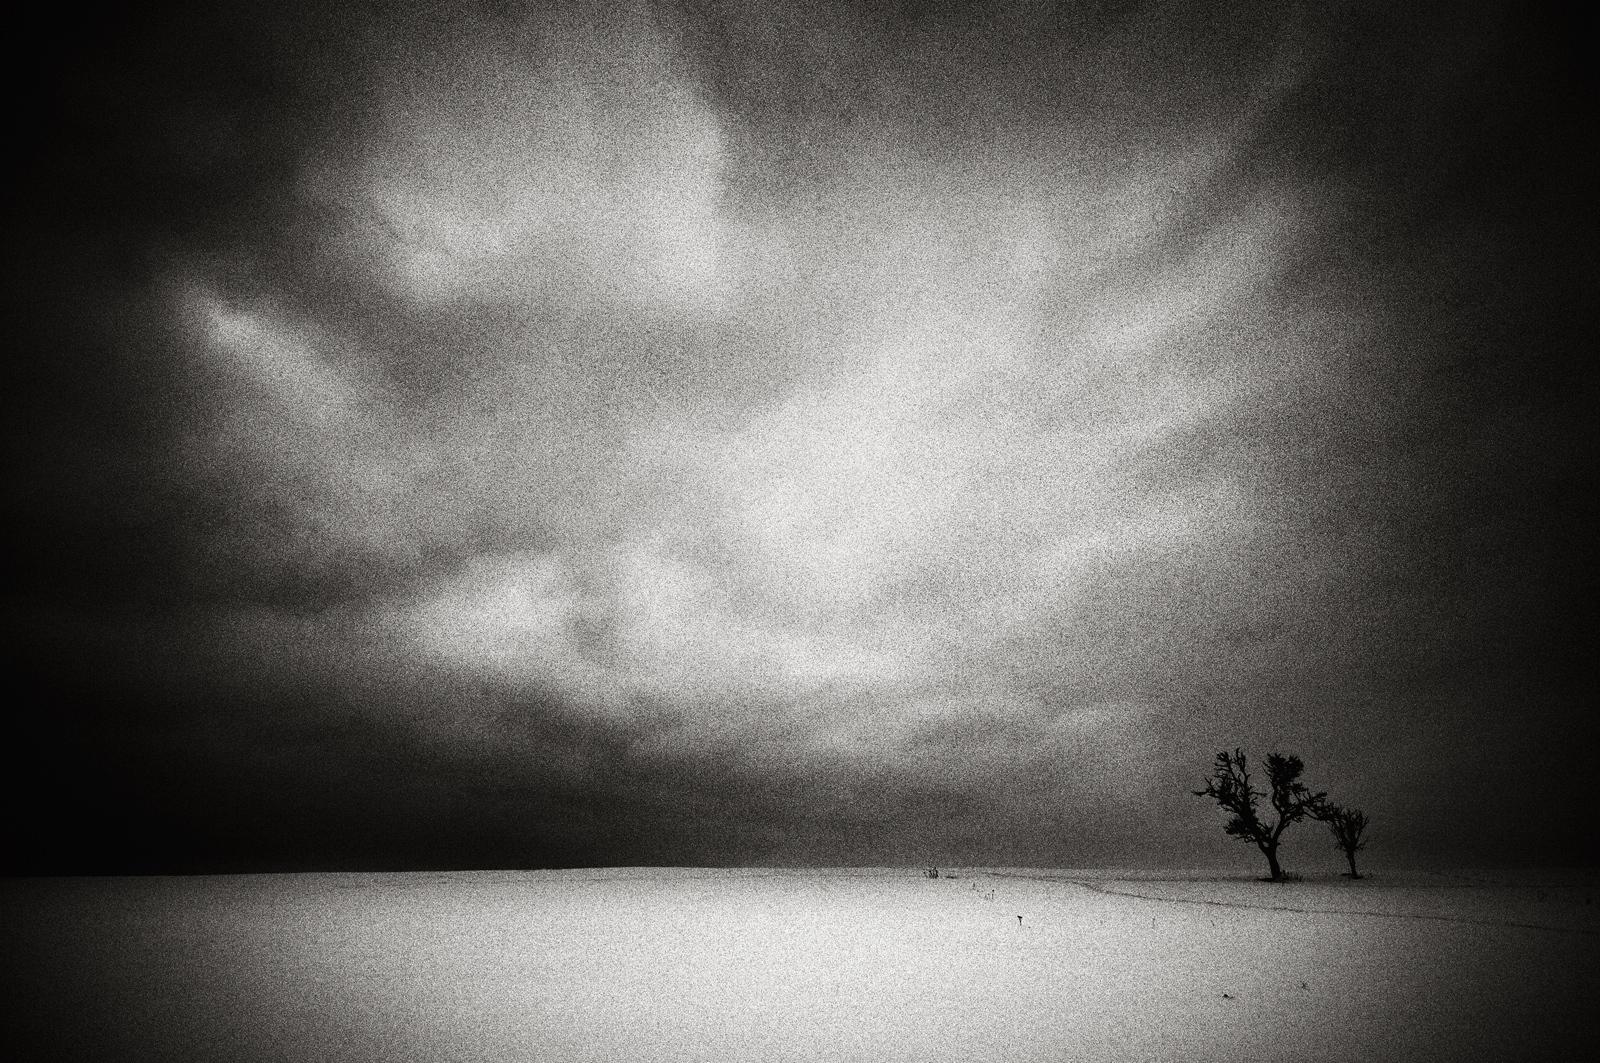 Trees Shadows Dreaming